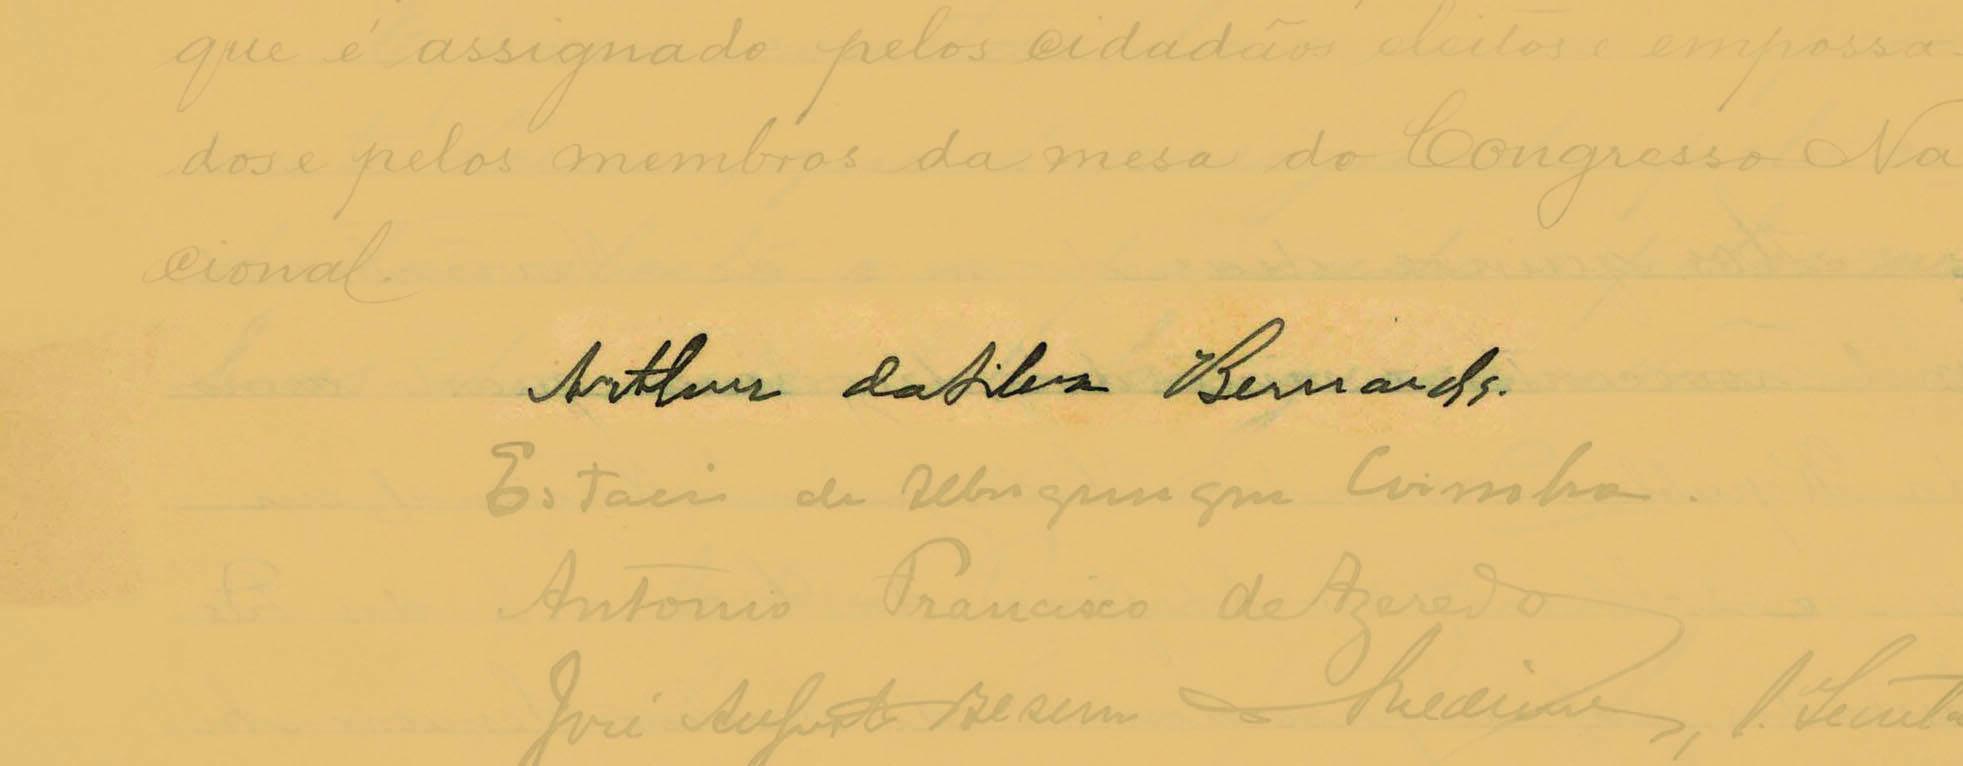 Arthur Bernardes assumiu a presidência em 15 de novembro de 1922. Foto: Reprodução / Senado Federal